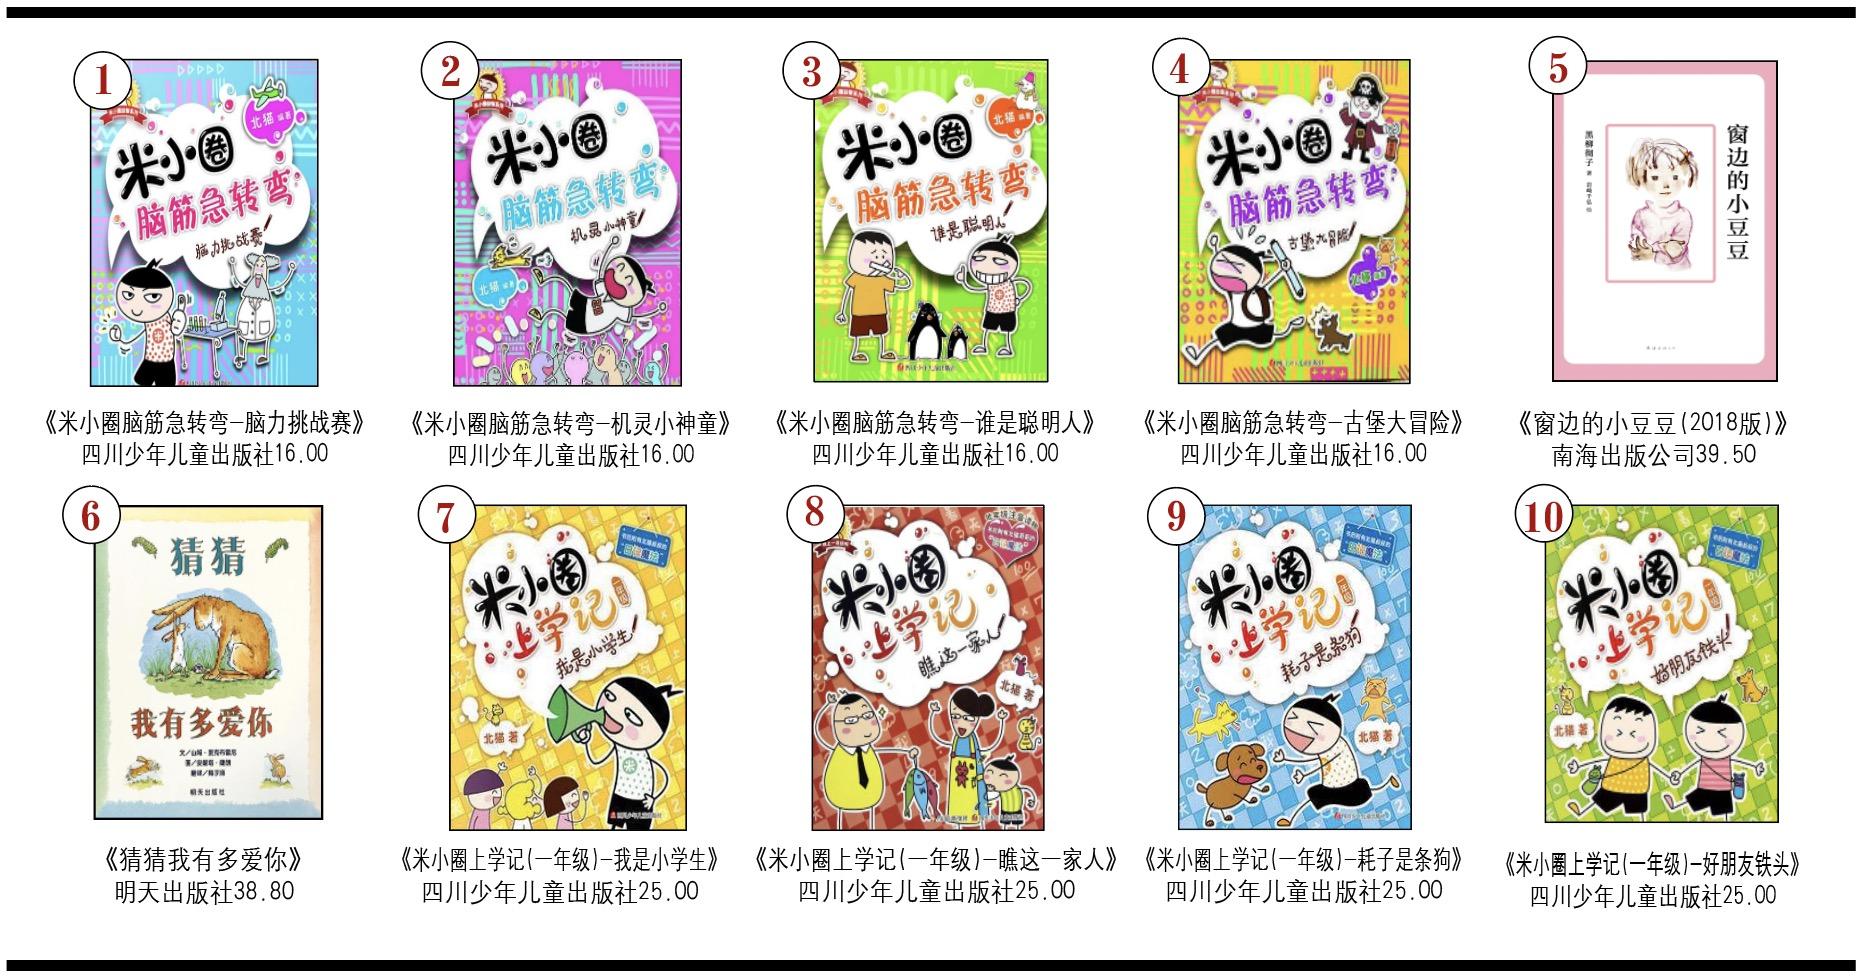 开卷少儿畅销书排行榜(2019年5月)-出版人杂志官网